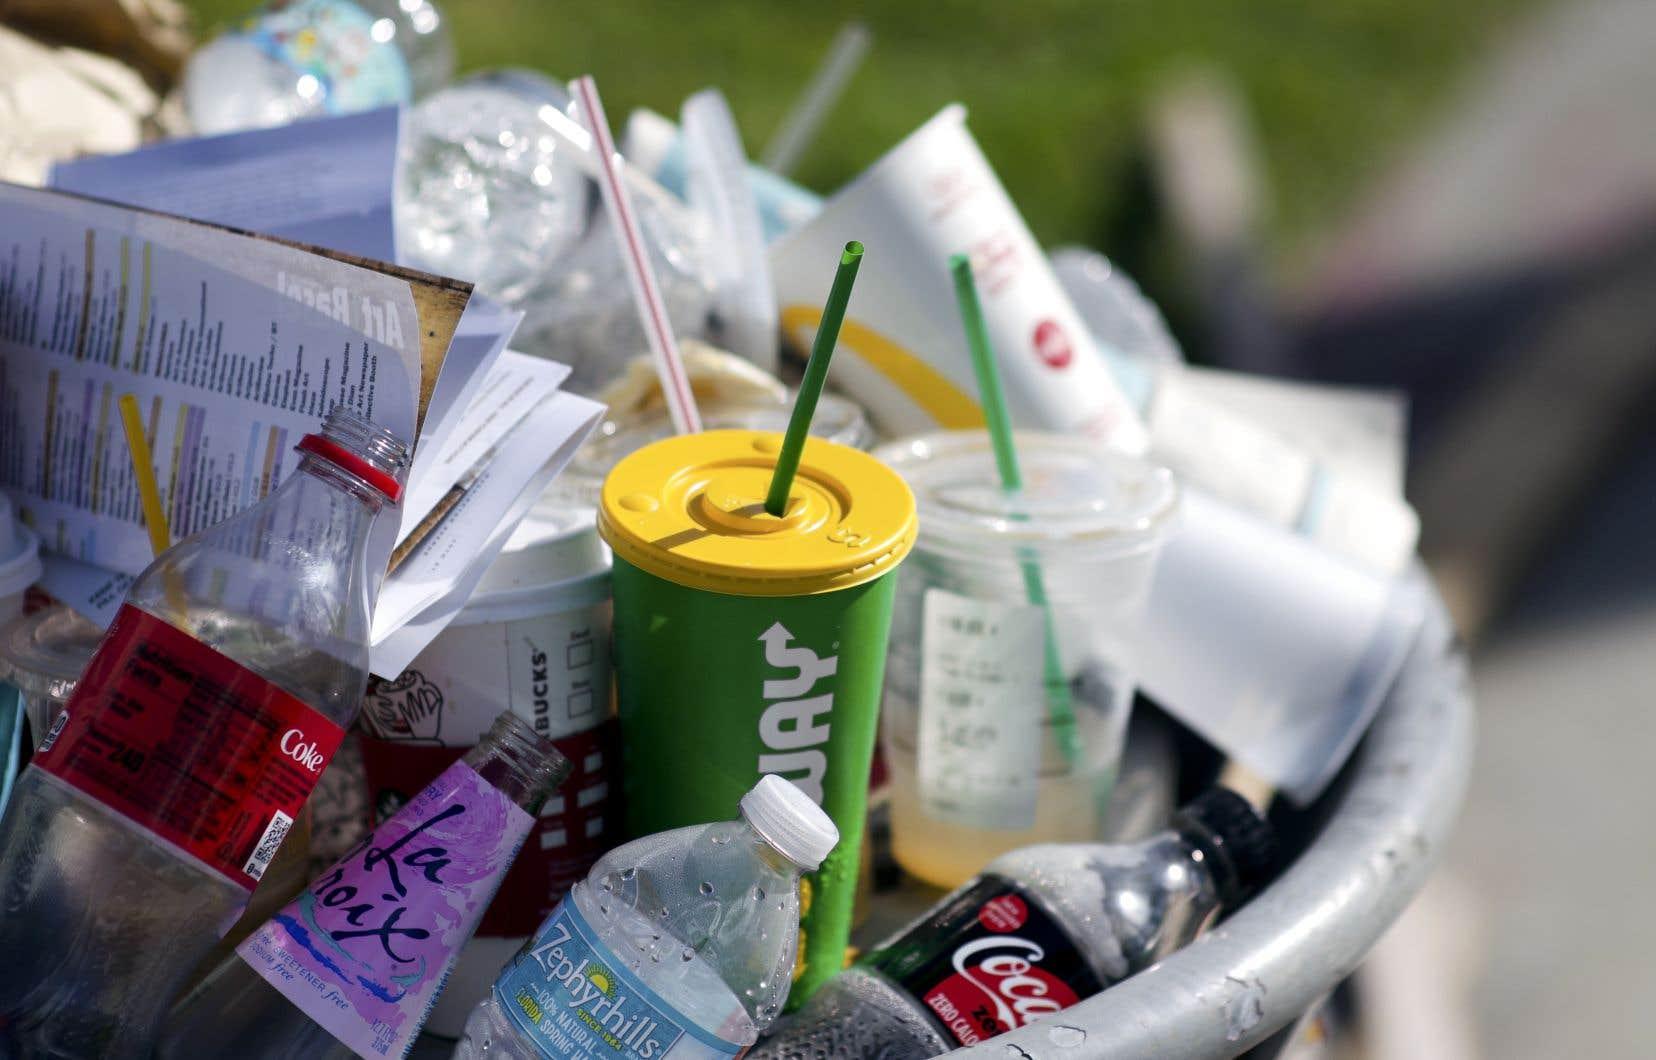 Plus de la moitié des gens sondés ont convenu qu'il serait mieux d'attendre le dénouement de cette crise avant d'imposer de nouvelles réglementations sur l'utilisation des plastiques.